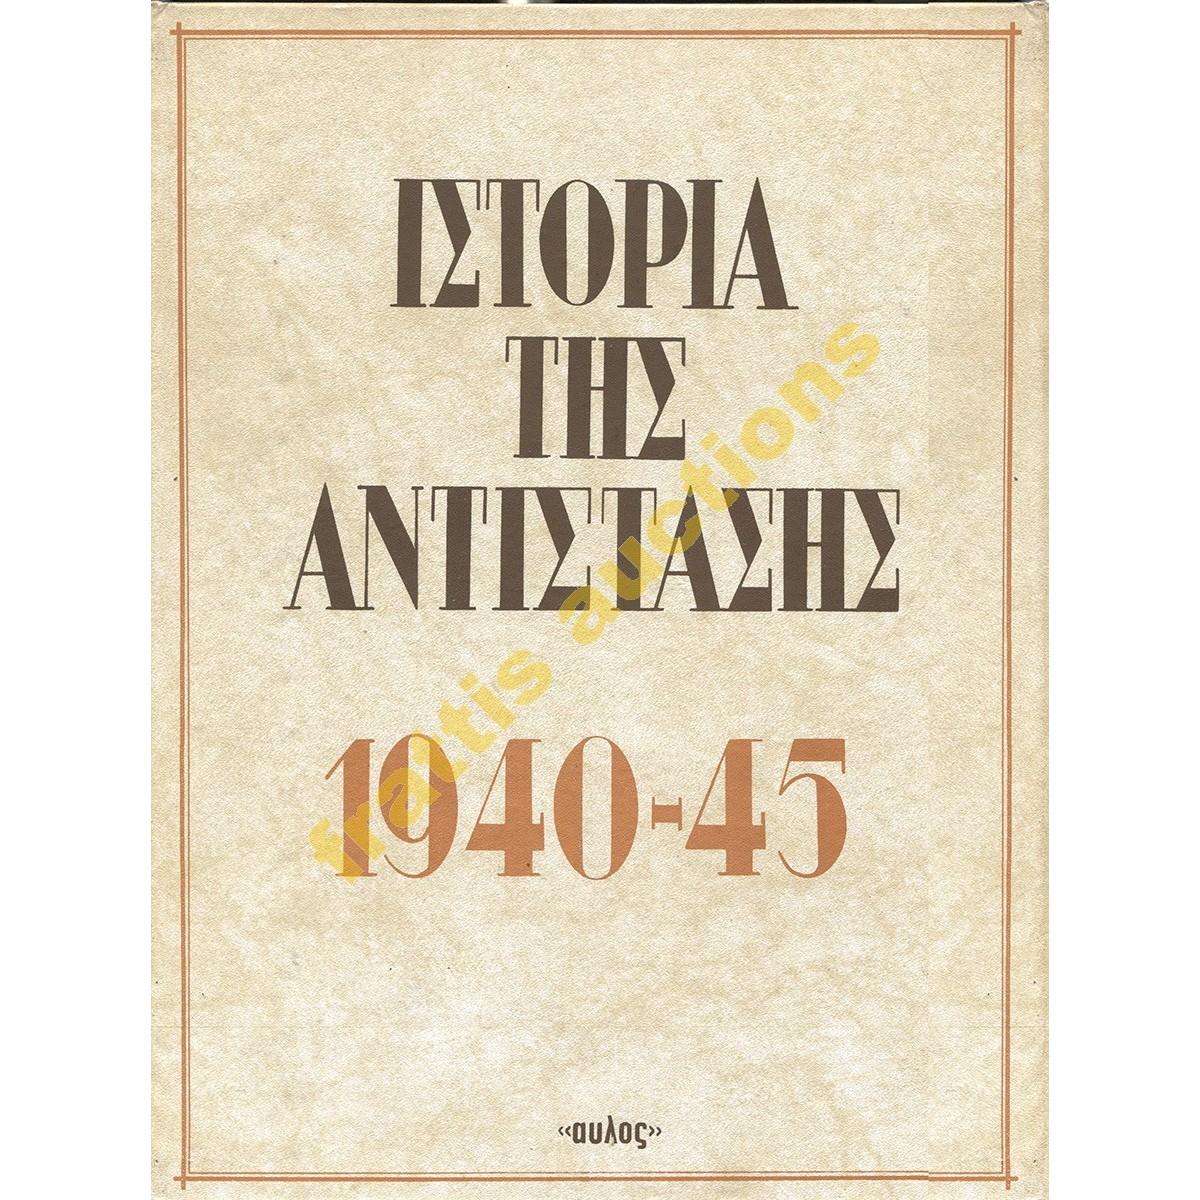 1940-1945 ΙΣΤΟΡΙΑ ΤΗΣ ΑΝΤ